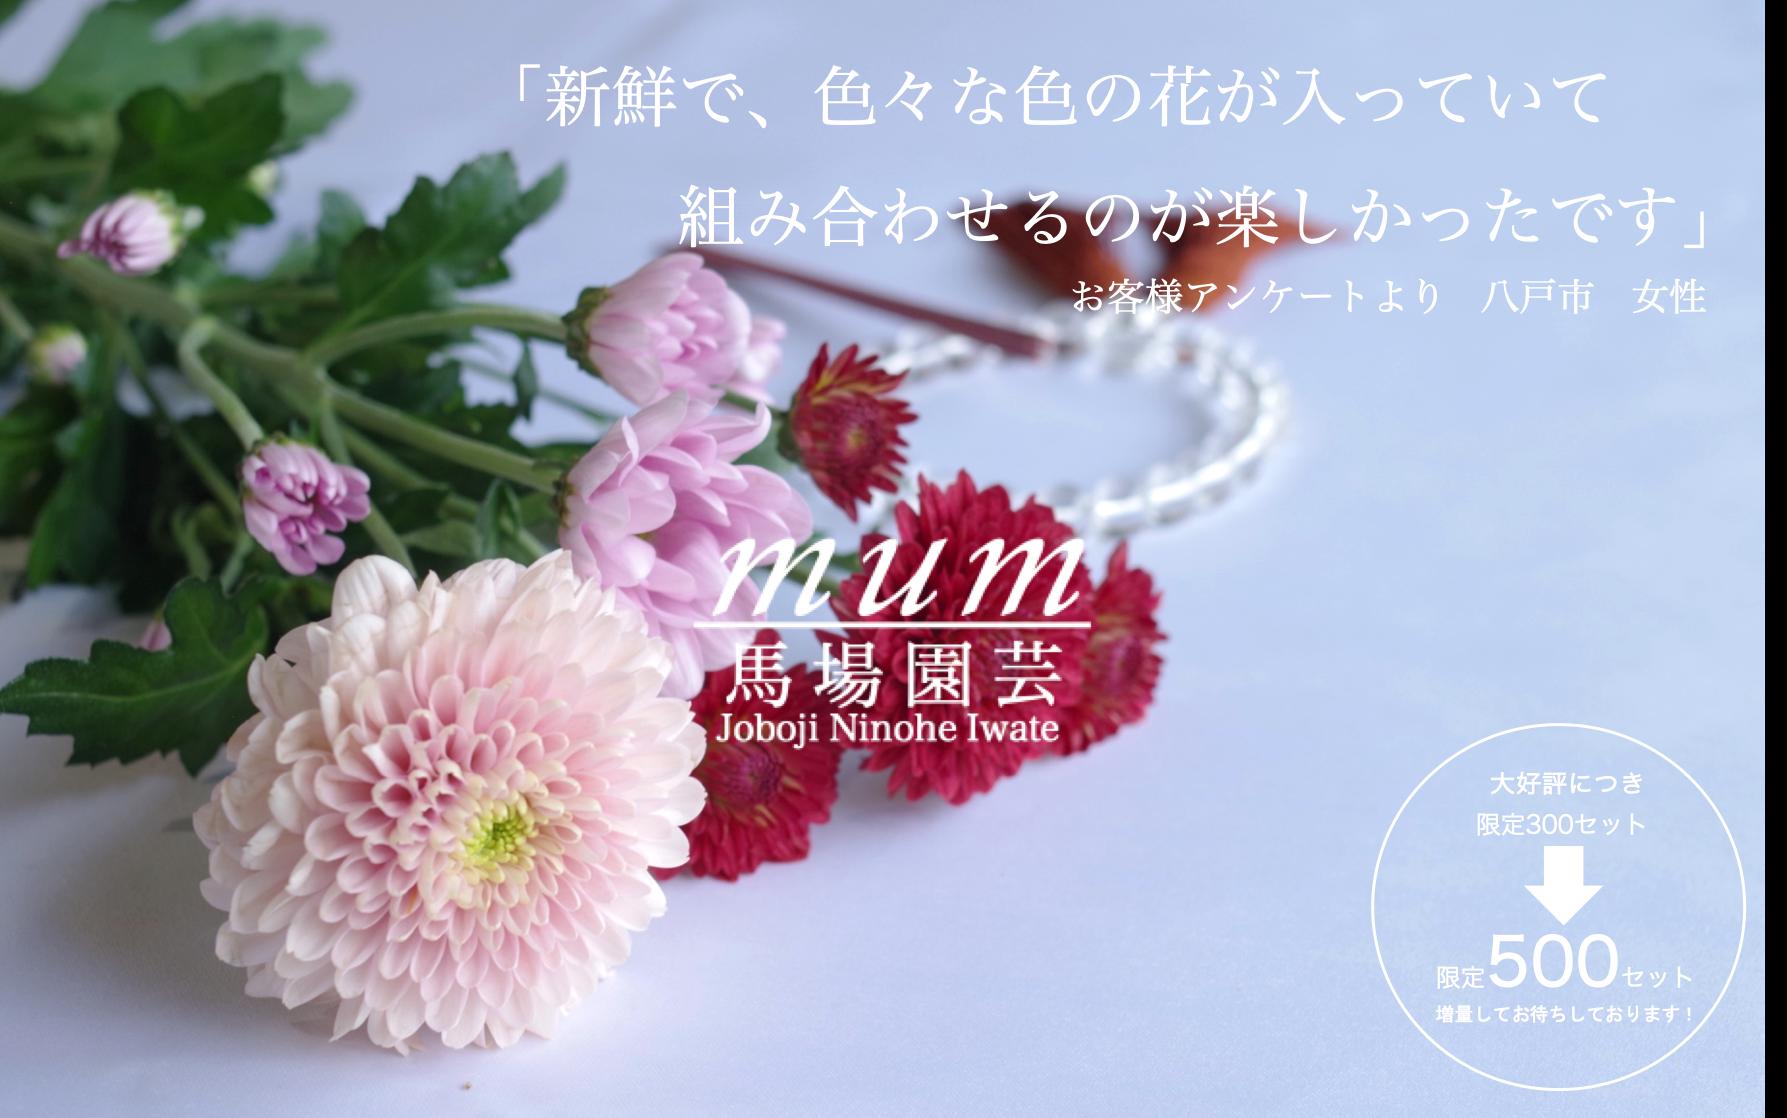 【お盆限定 送料無料 8月10日出荷限定】色とりどりの花束セット